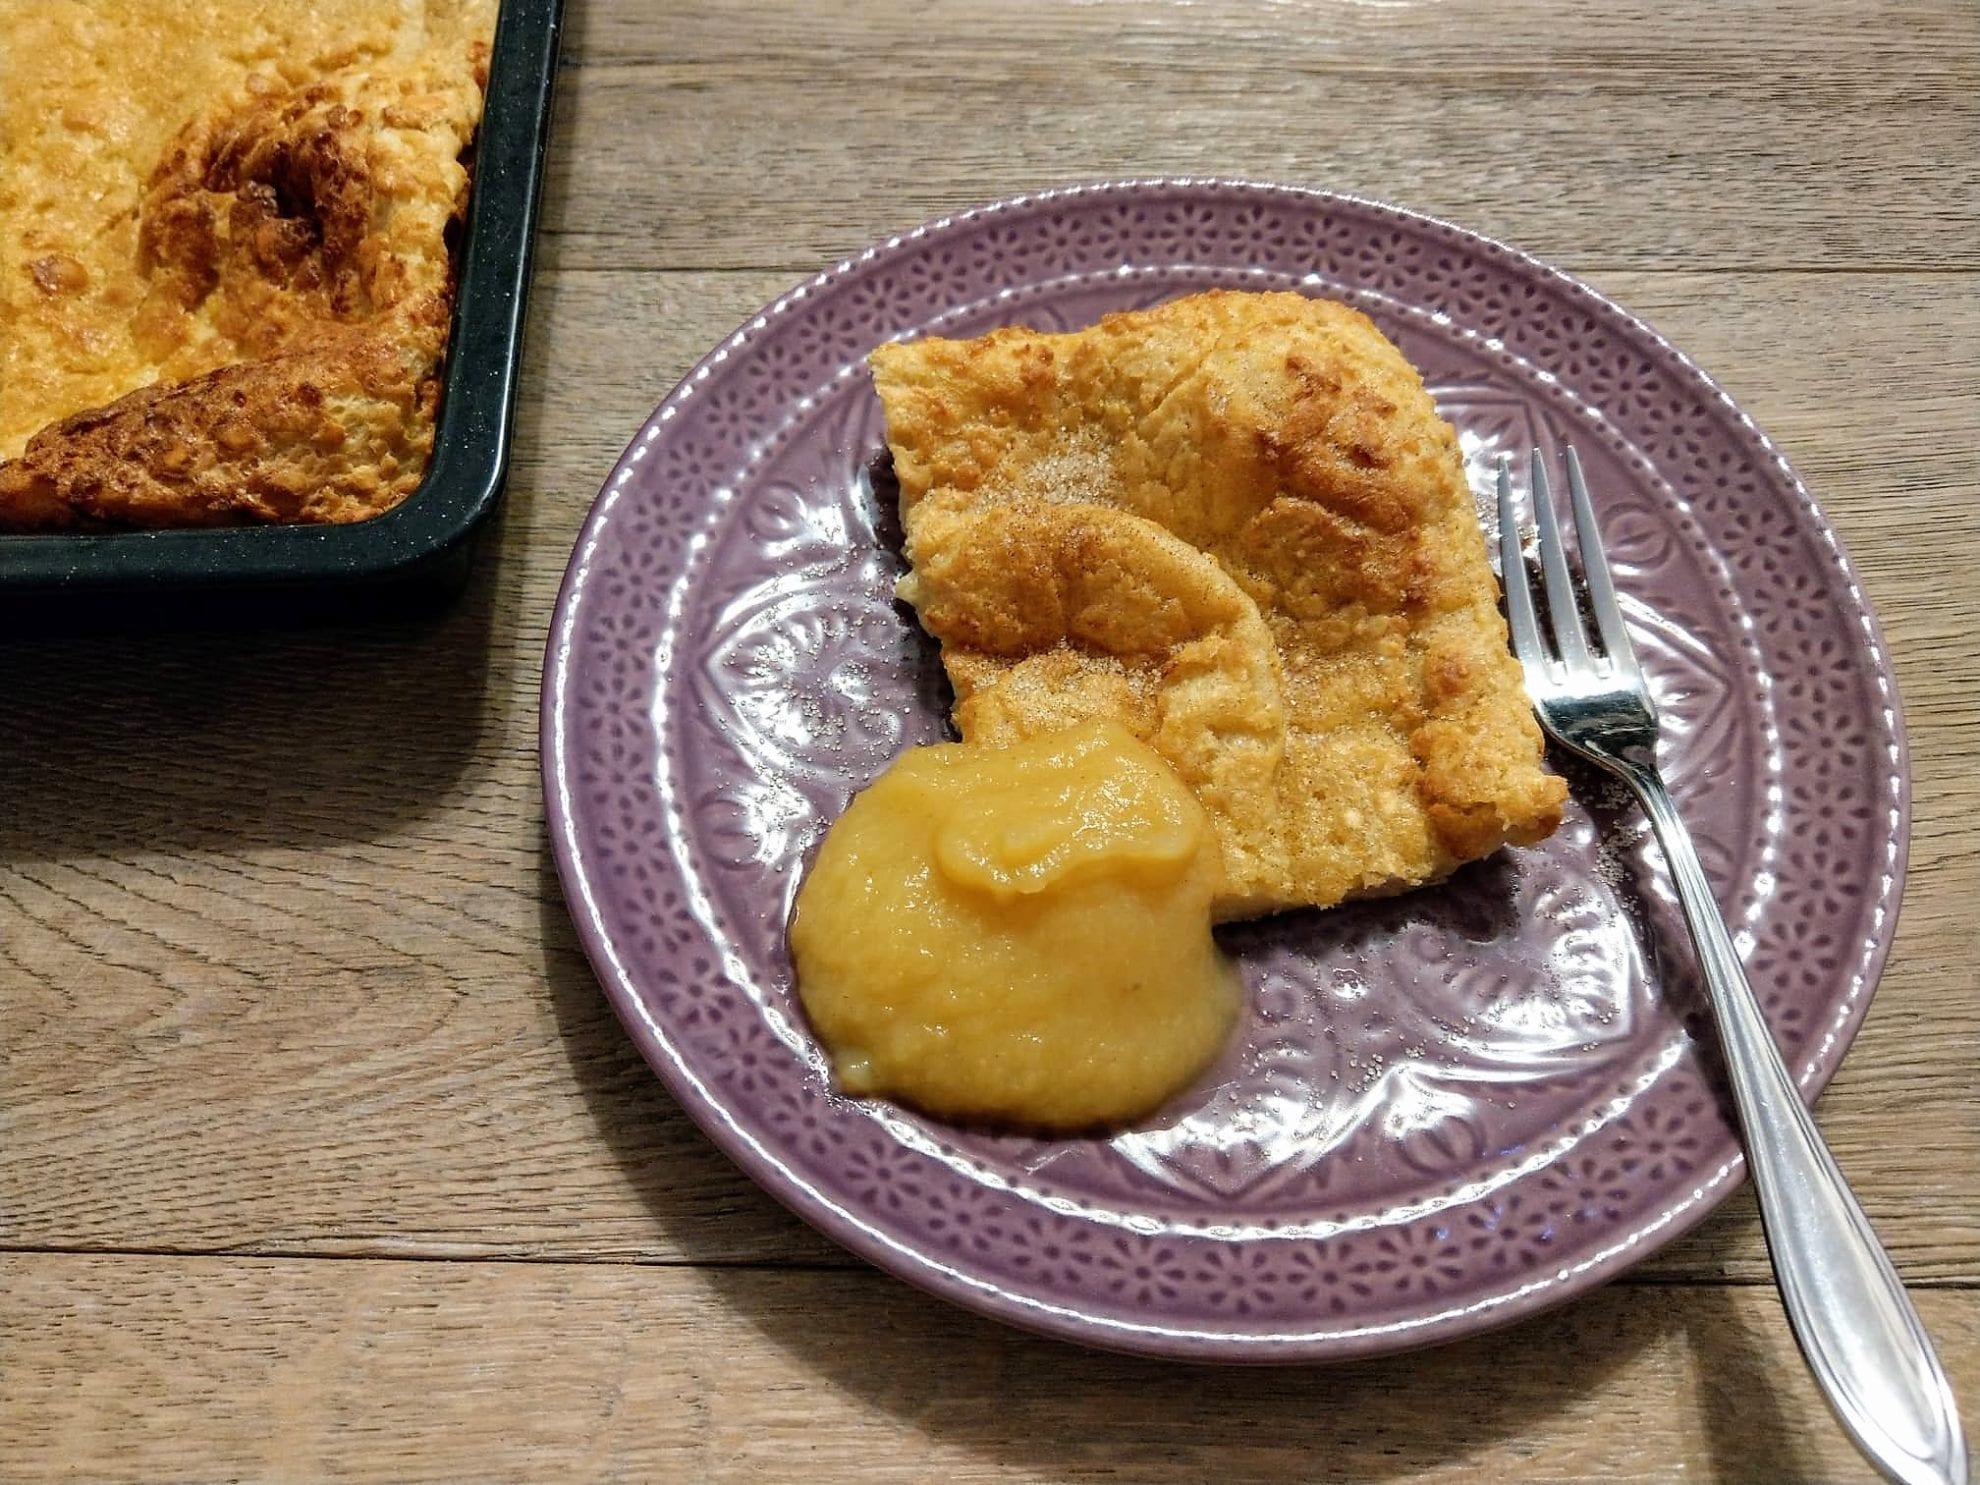 Ofenpfannkuchen, Rezept, einfach, clean eating, zuckerfrei, Vollkornmehl, simpel, Backblech, Pfannkuchen, Eierkuchen, Plinsen